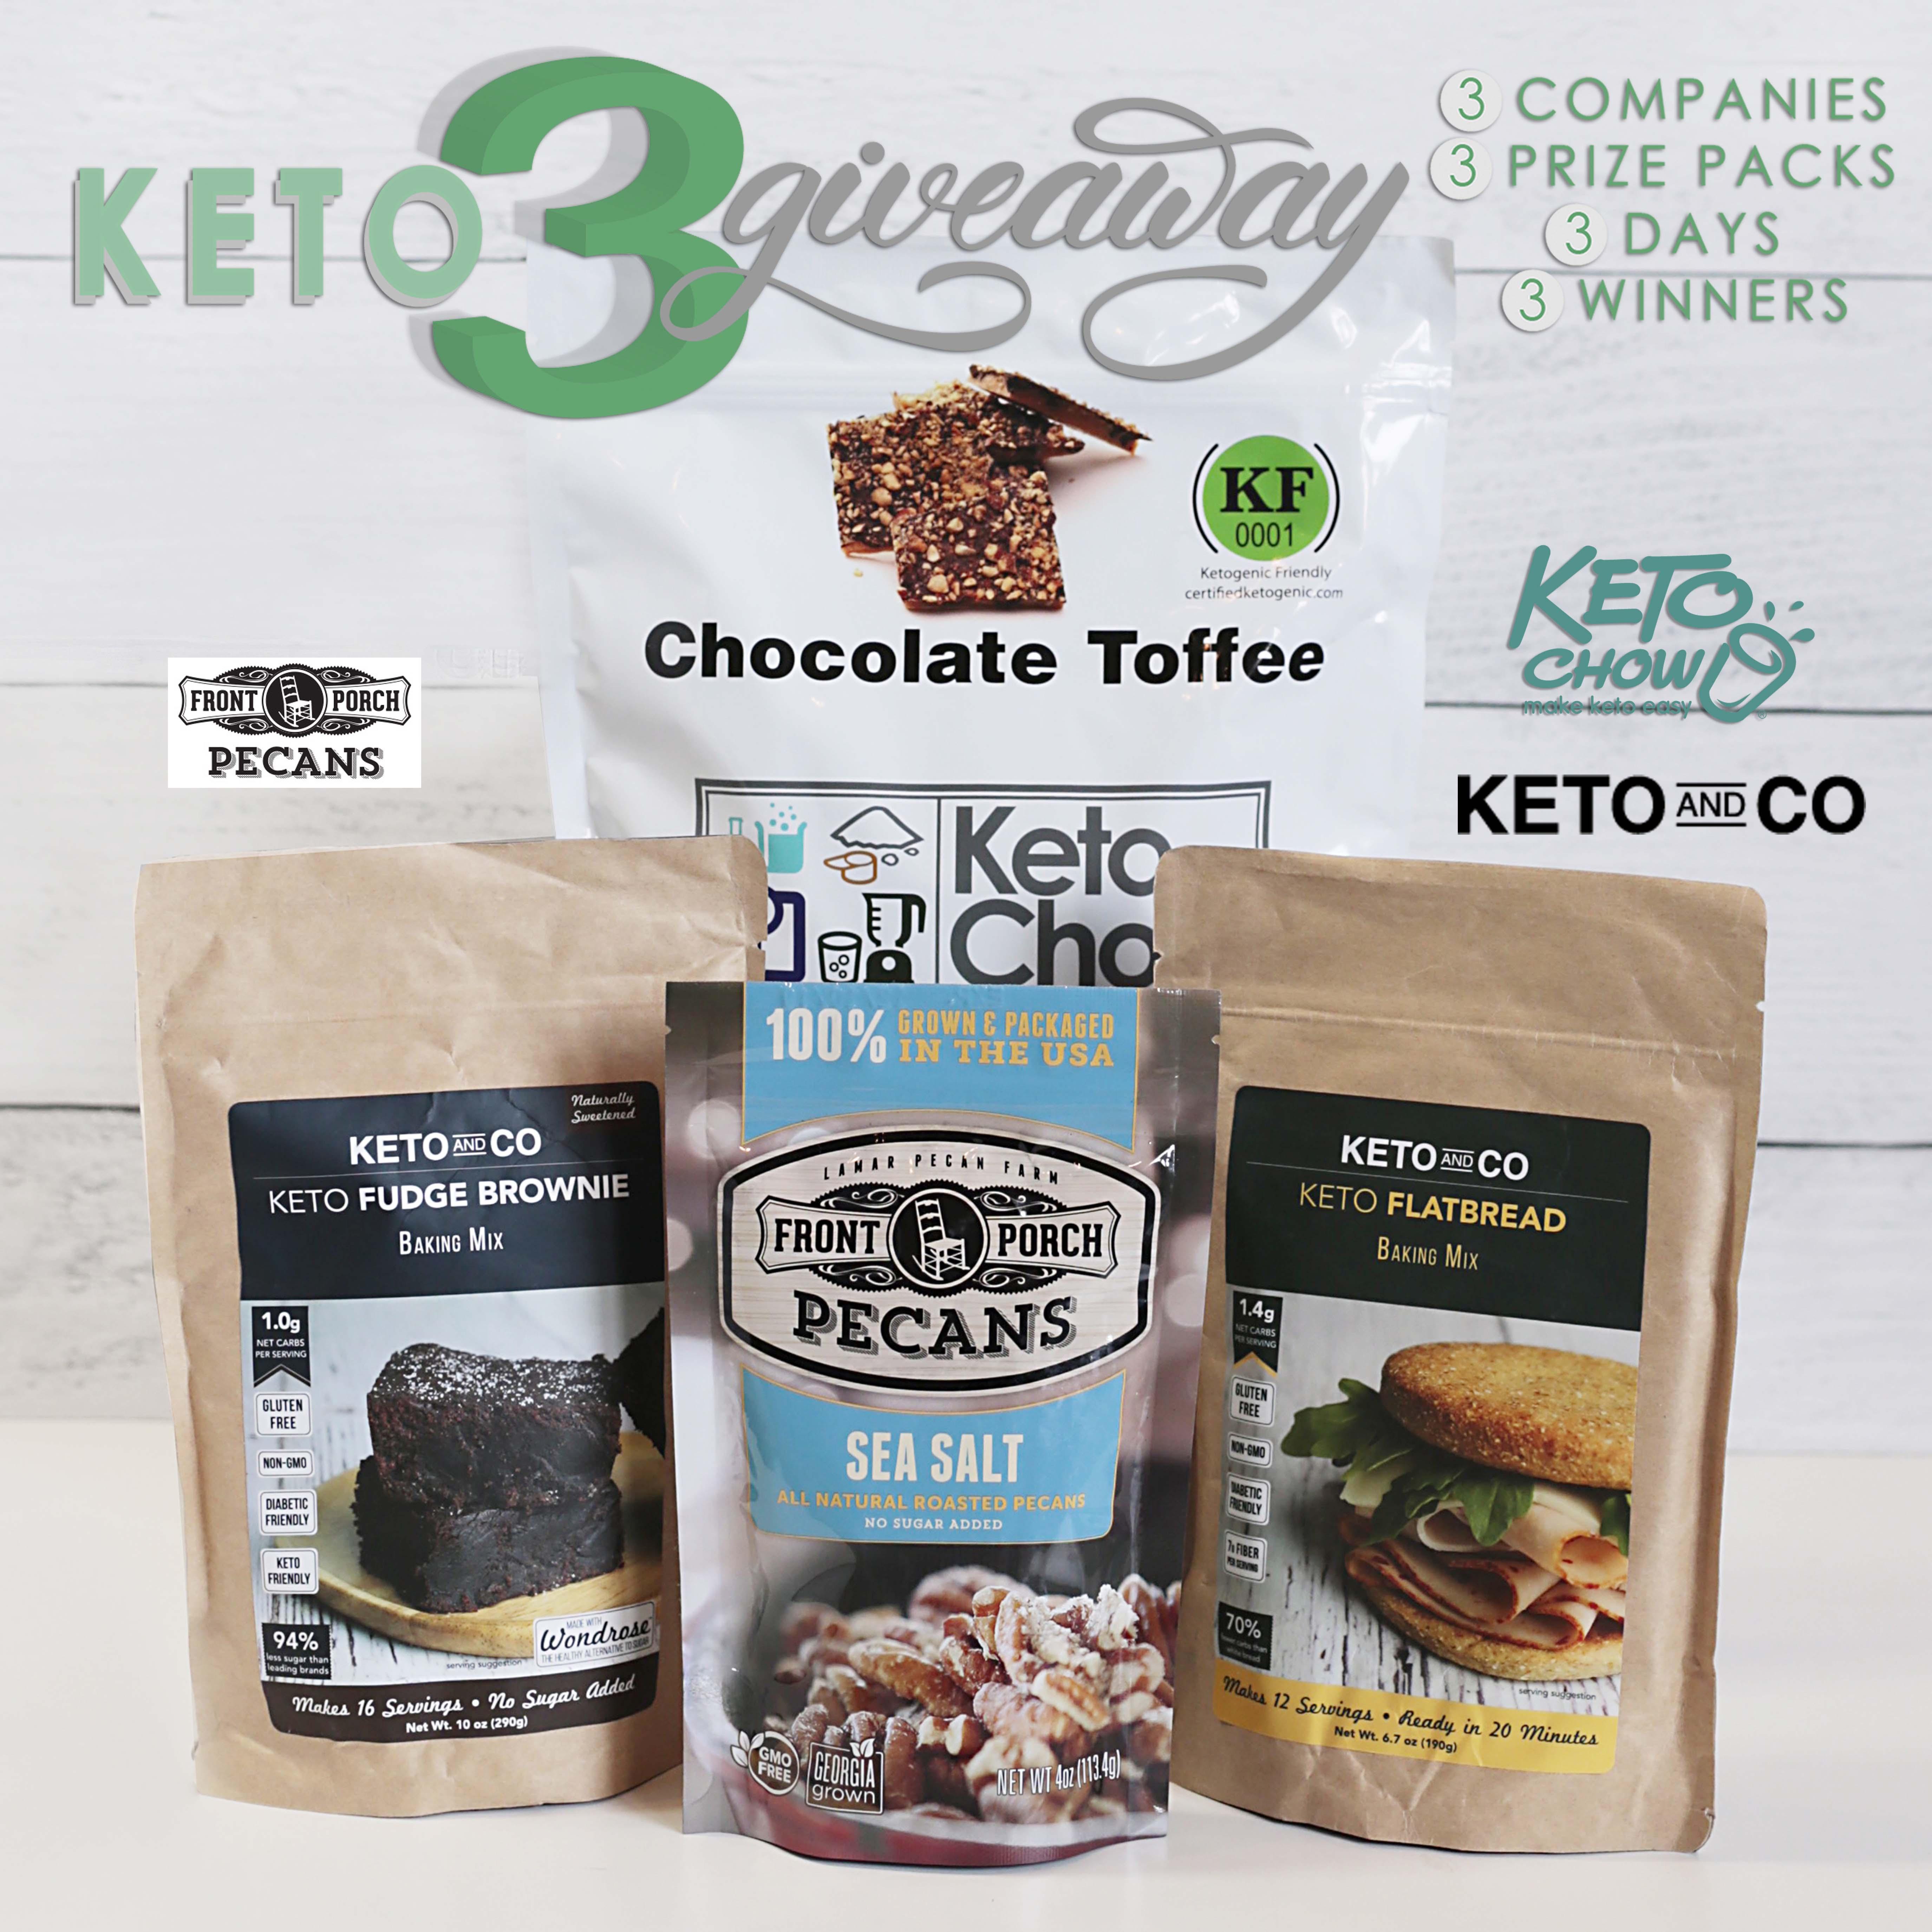 Keto 3 Giveaway May 15-17 Giveaway Image